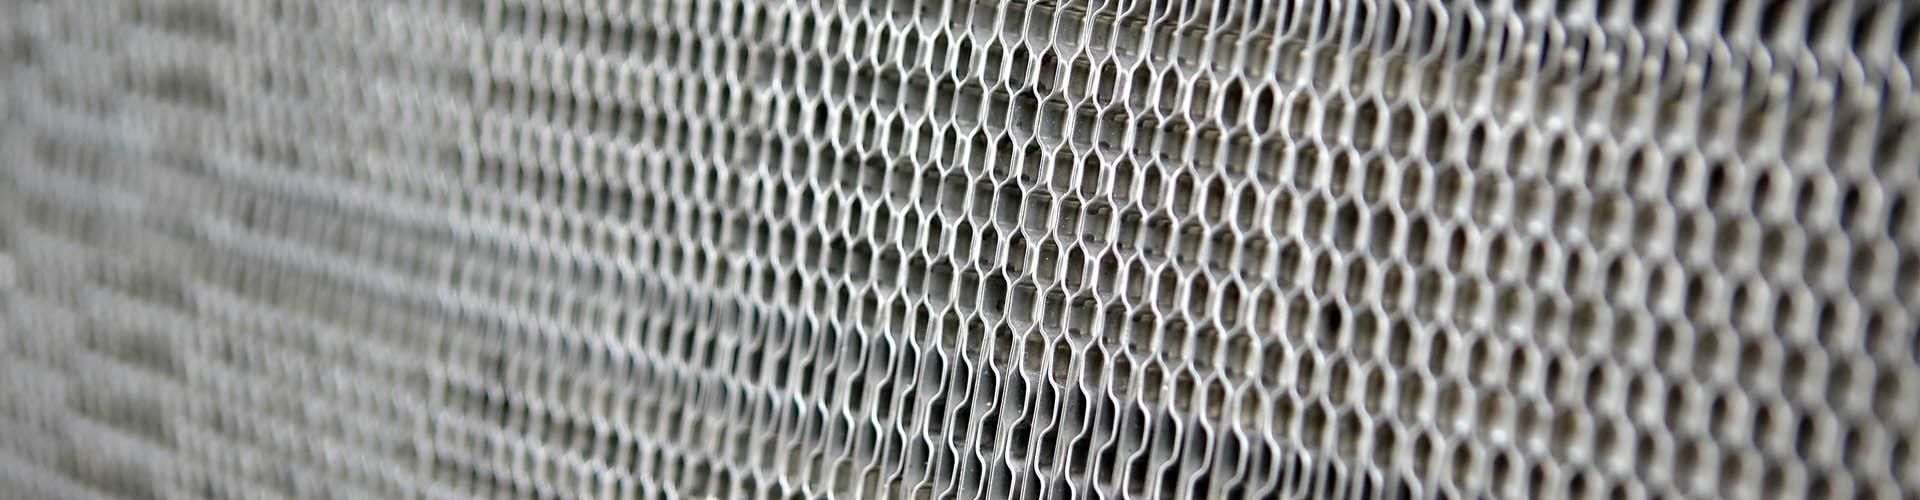 Moody Plate Heat Exchangers Website Banner